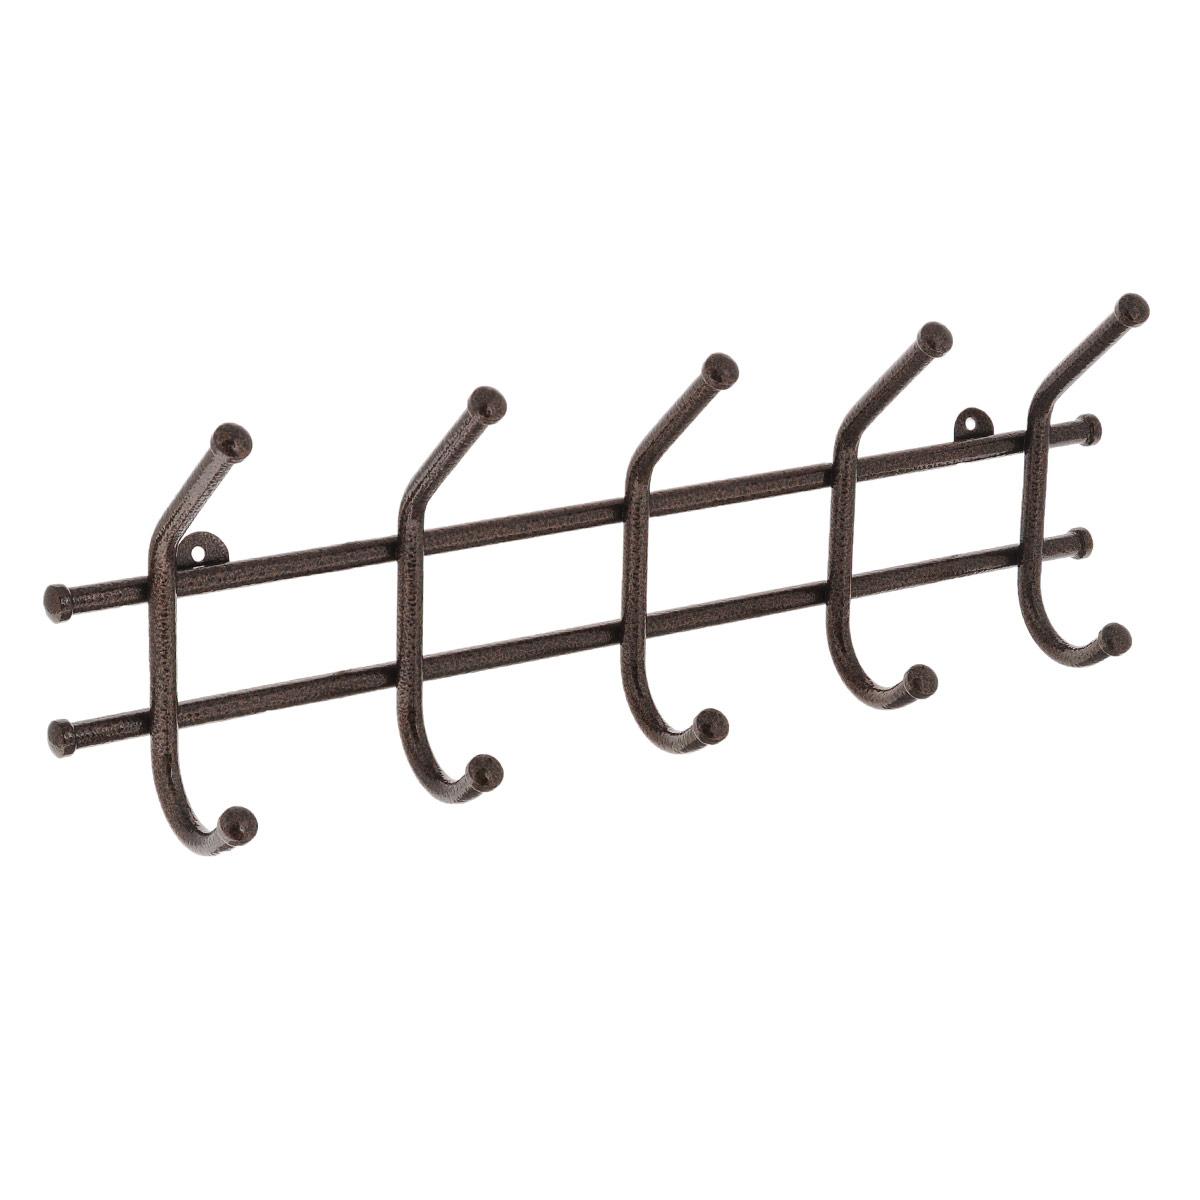 Вешалка настенная ЗМИ Норма 5, 5 крючковВН 24Металлическая вешалка с полимерным покрытием ЗМИ Норма 5 имеет пять крючков дляодежды. Крепится к стене при помощи двух шурупов (не входят в комплект). Вешалка ЗМИ Норма 5 идеально подходит для маленьких прихожих и ограниченных пространств.